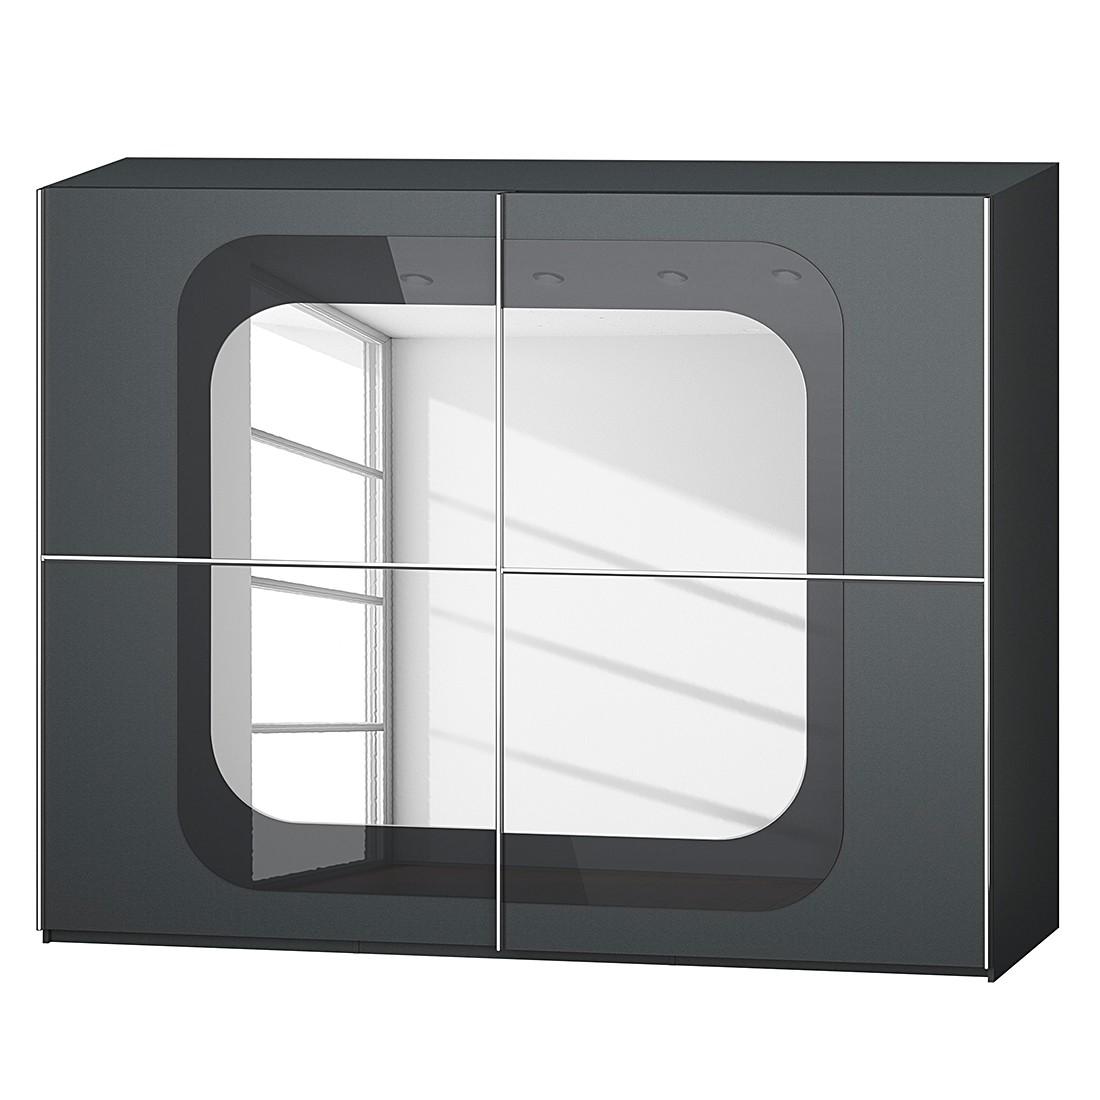 goedkoop Schuifdeurkast Lumos Grafietkleurig basalt 270cm 2 deurs 223cm Rauch Dialog